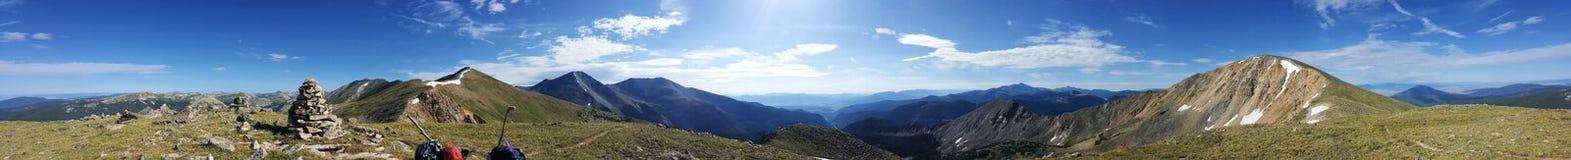 Paisaje de la montaña de Colorado fotografía de archivo libre de regalías